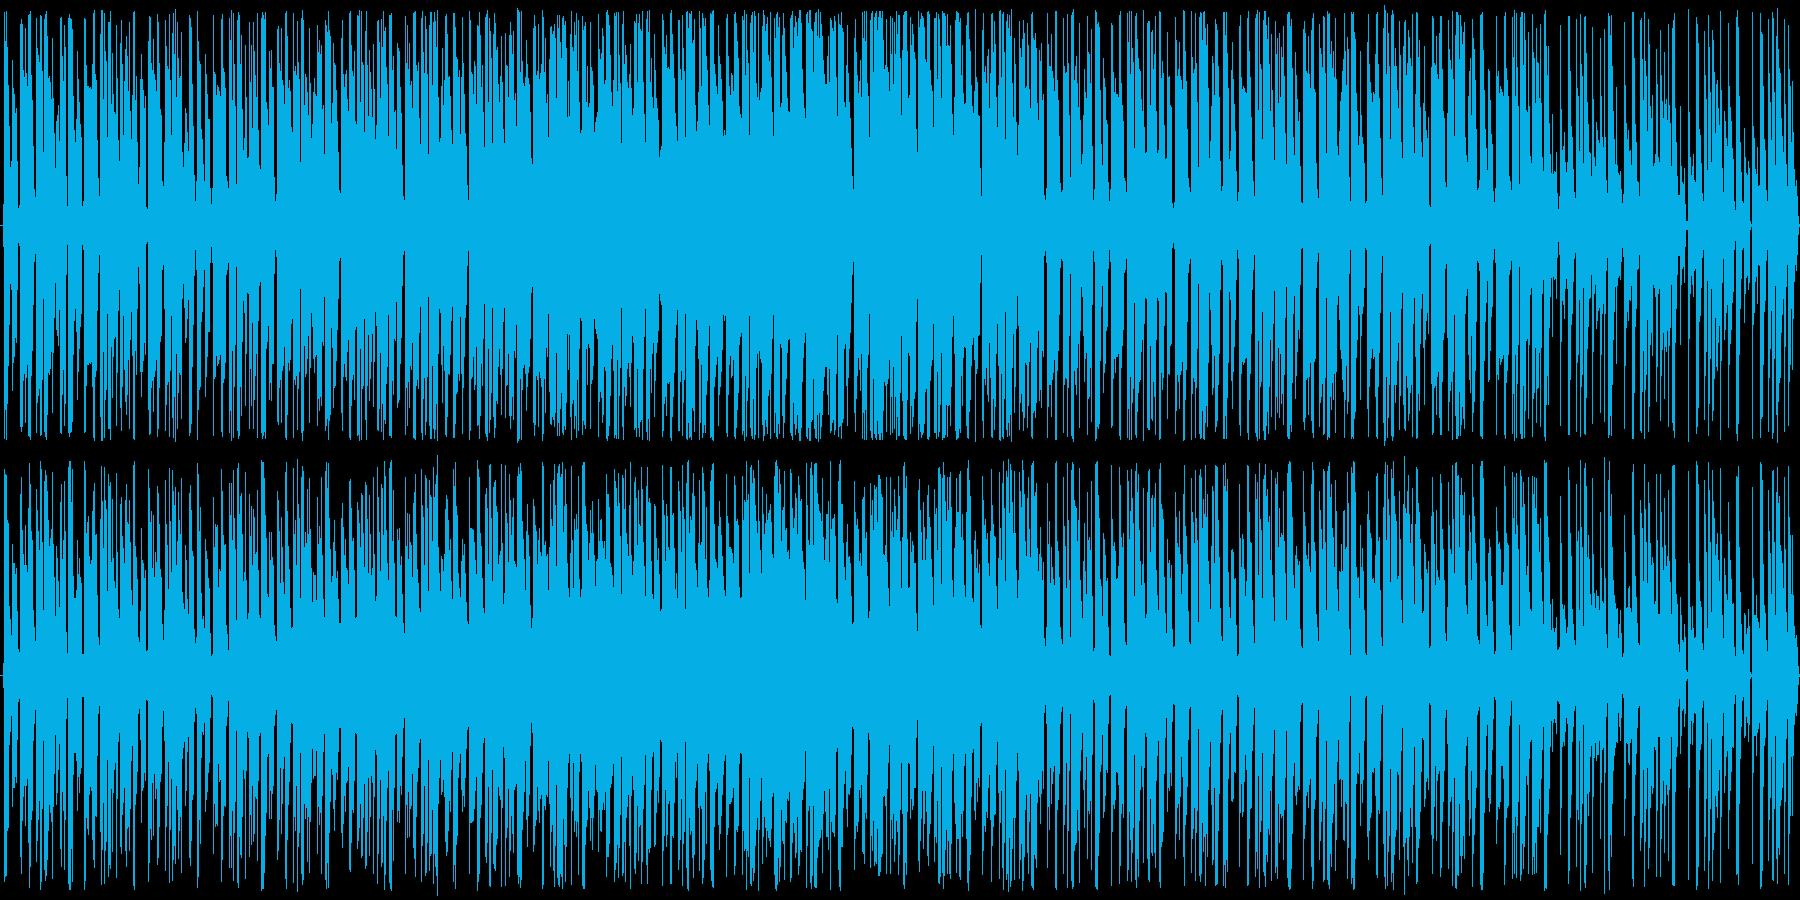 ちょっとコミカルなバトルシーンの曲の再生済みの波形